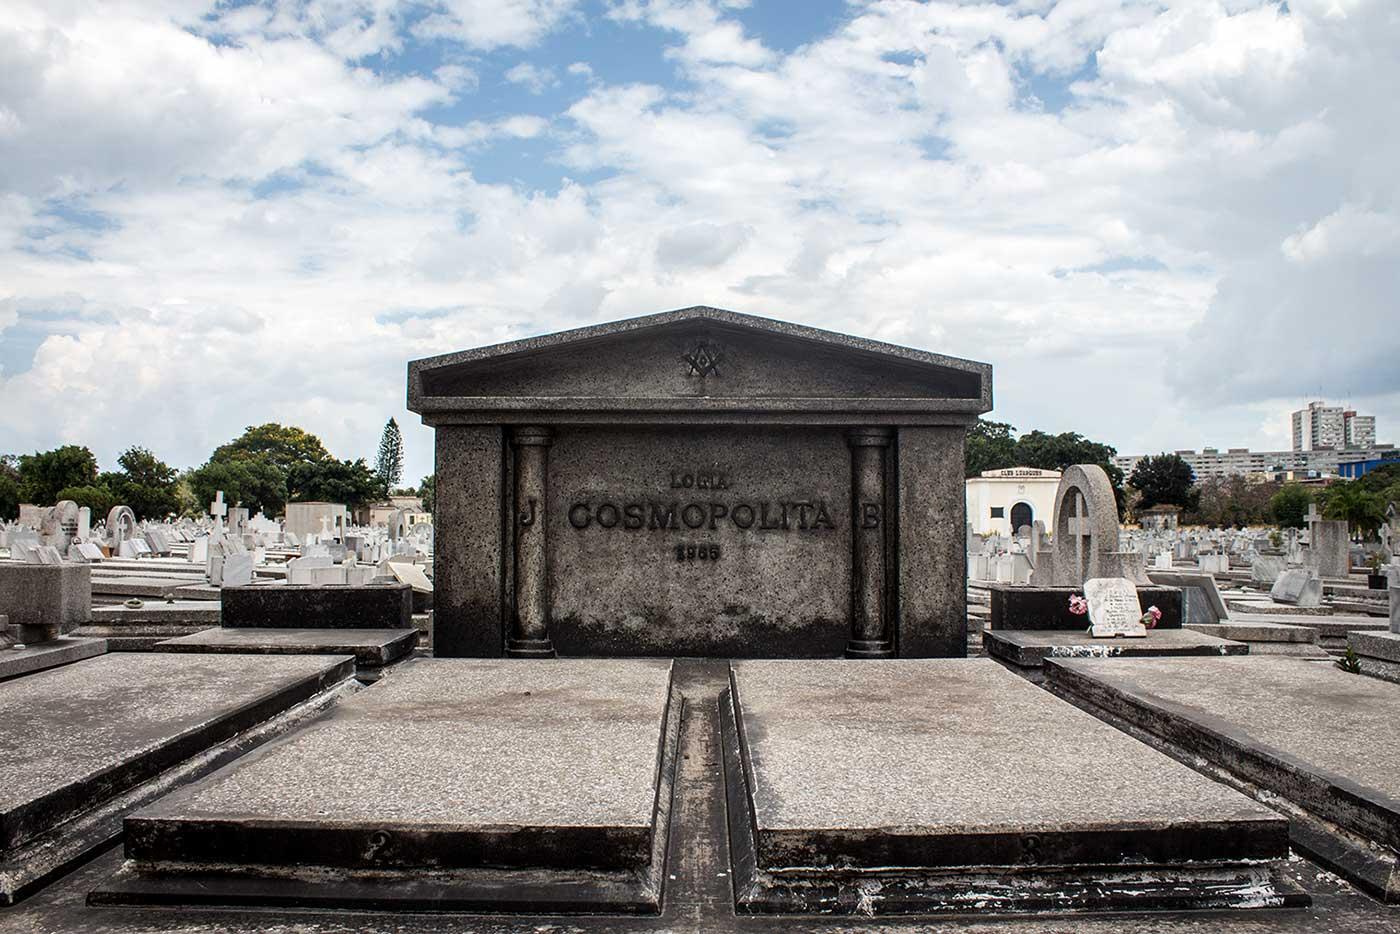 Memorial plot for 'Logia Cosmopolita': Necrópolis Cristóbal Colón, Havana, Cuba.